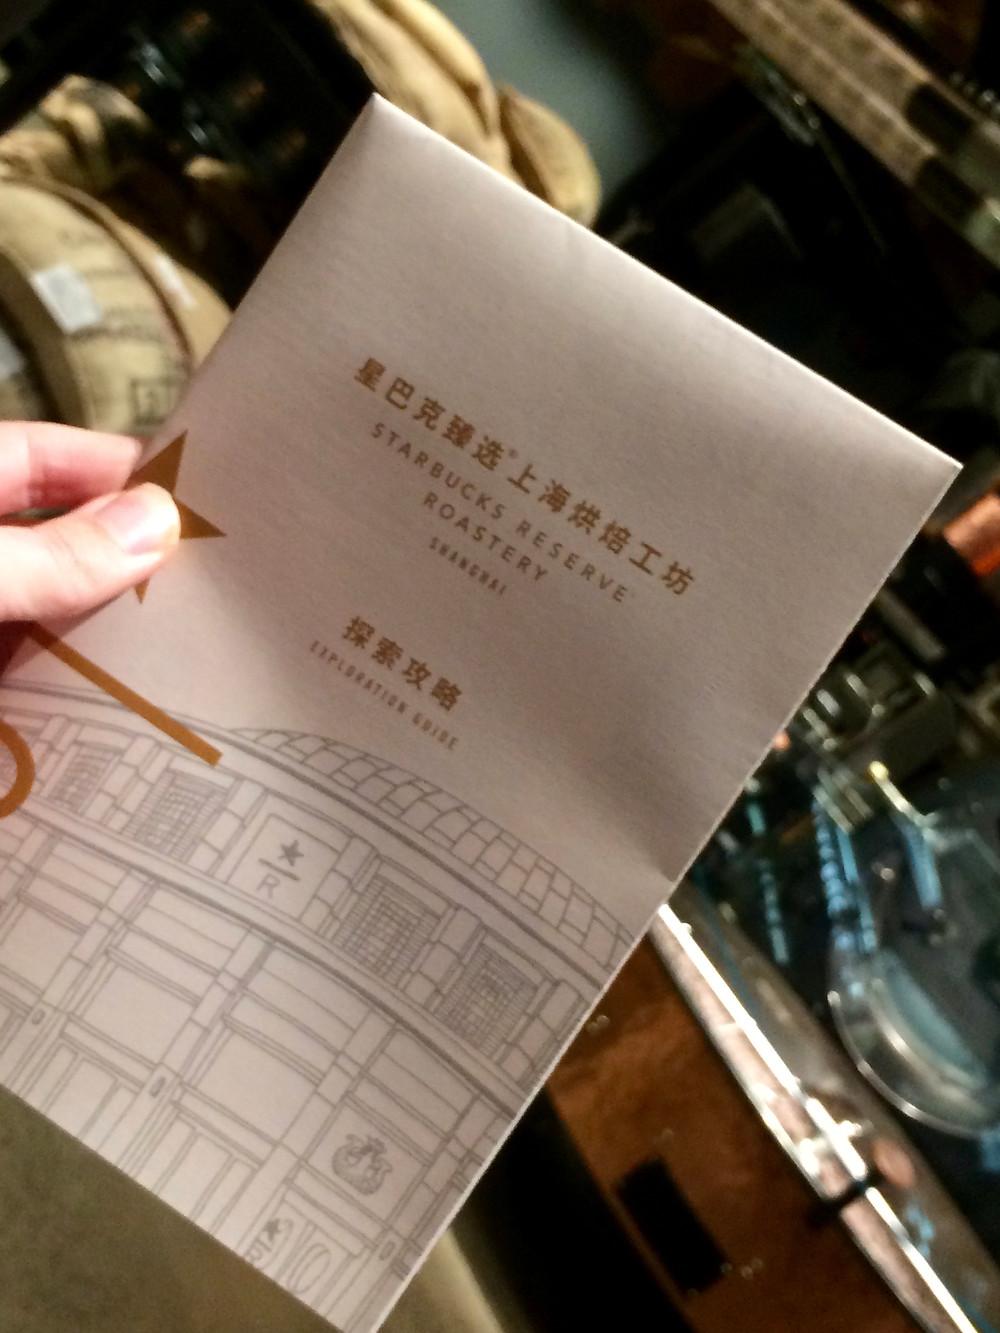 Shanghai Starbucks Reserve Roastery Map